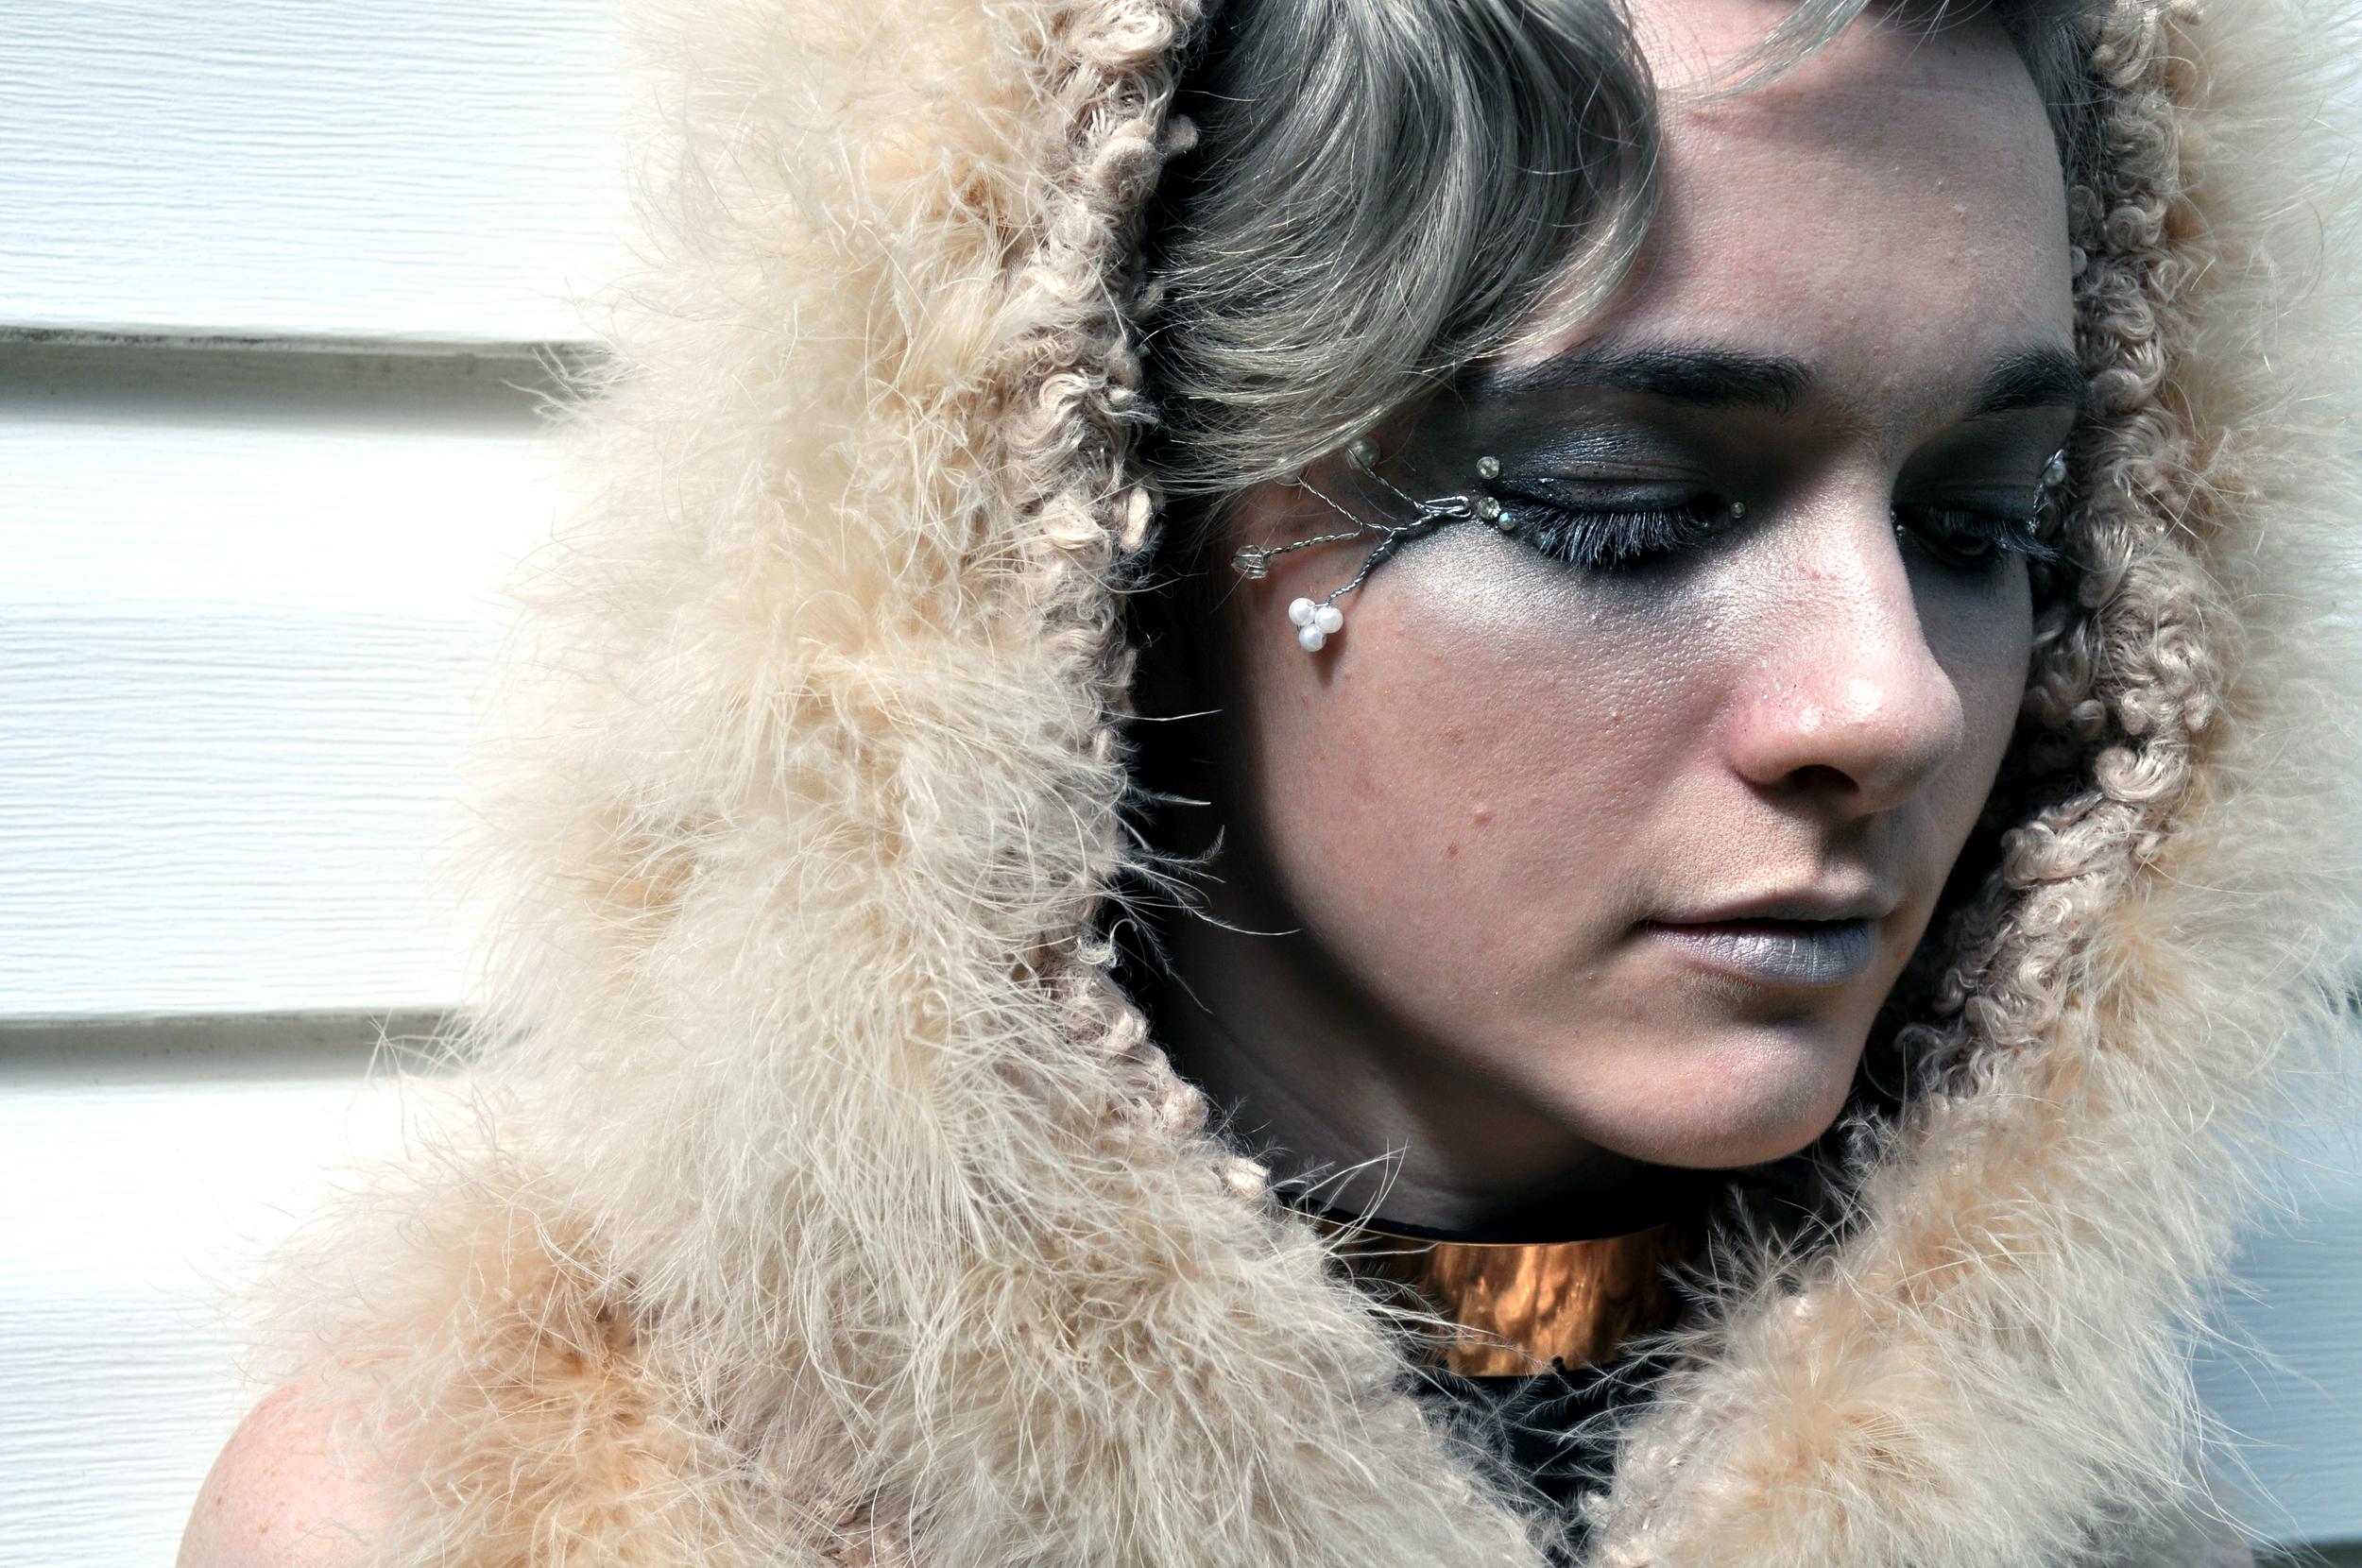 Makeup Design+Photography: Independent